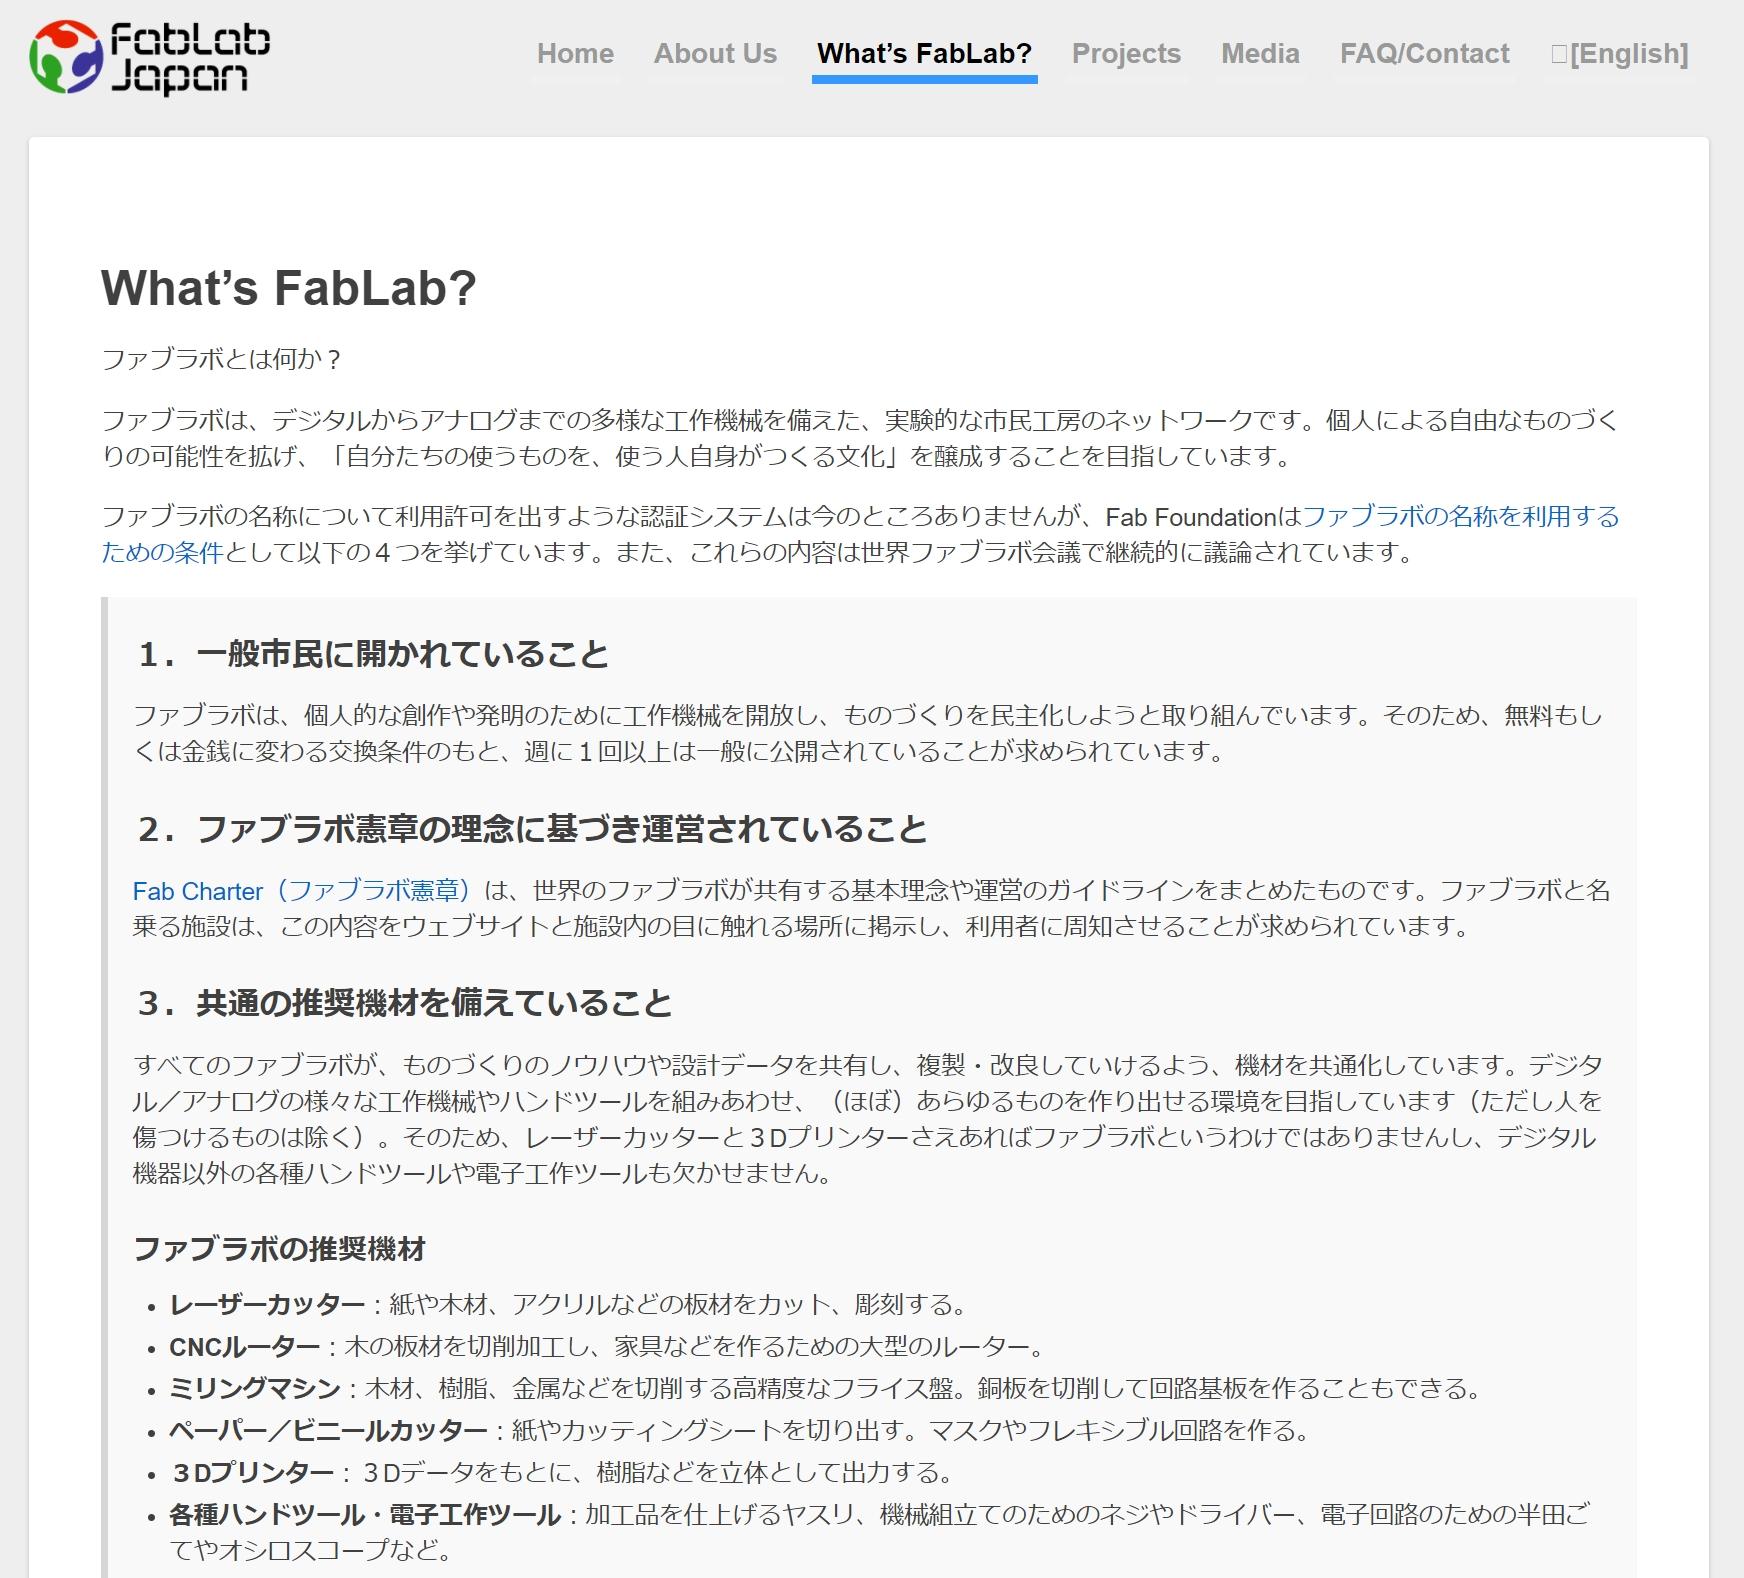 国内外のファブラボとものづくり活動をつなぐコミュニティ「FabLab Japan Network」のサイトより